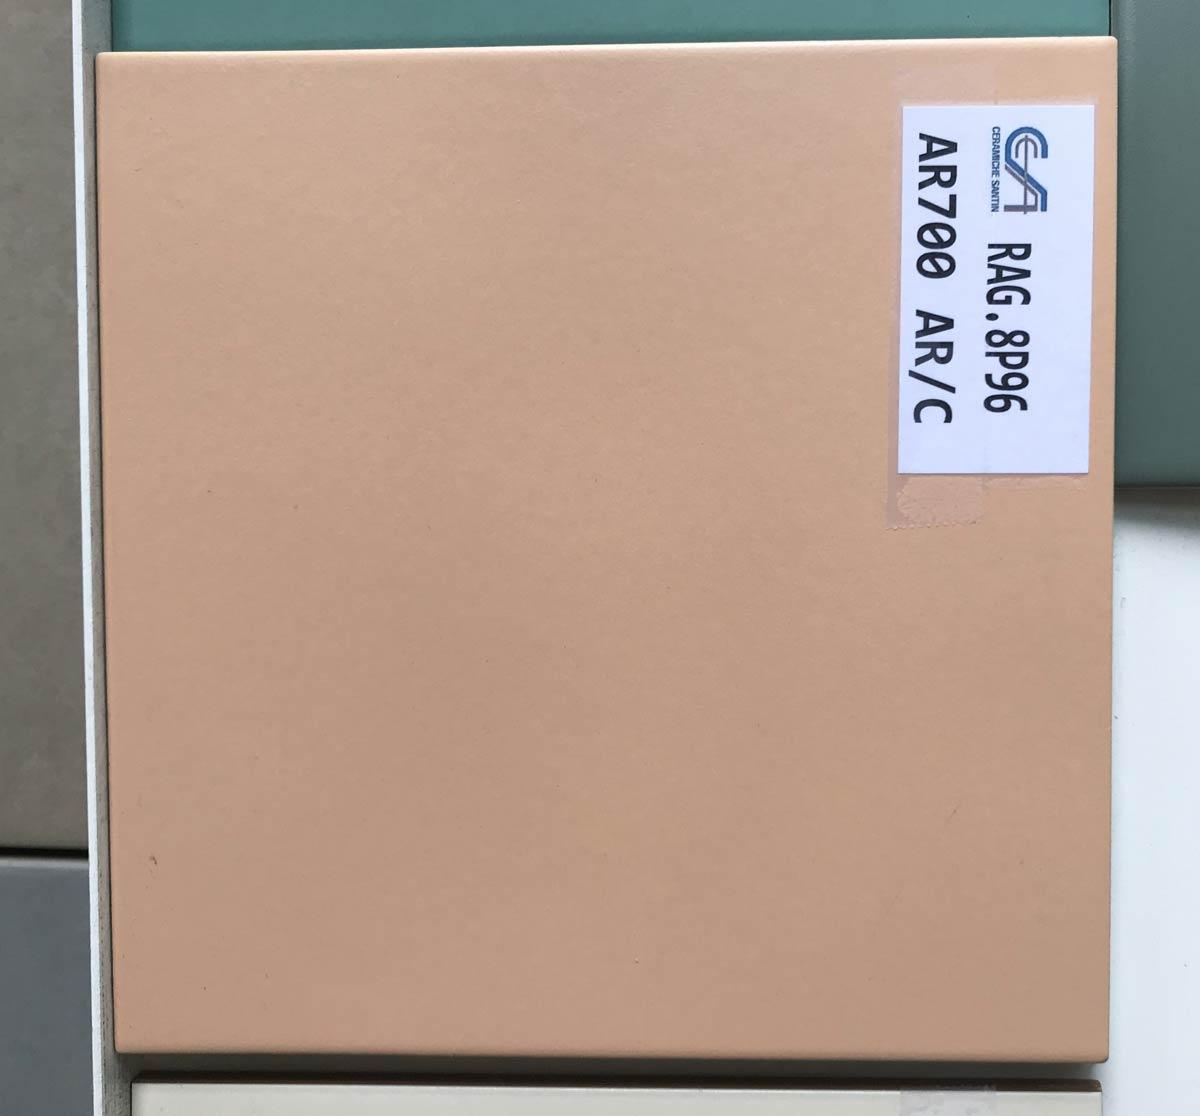 Stock piastrelle e ceramiche pag 3 - CESA Ceramiche Santin Milano